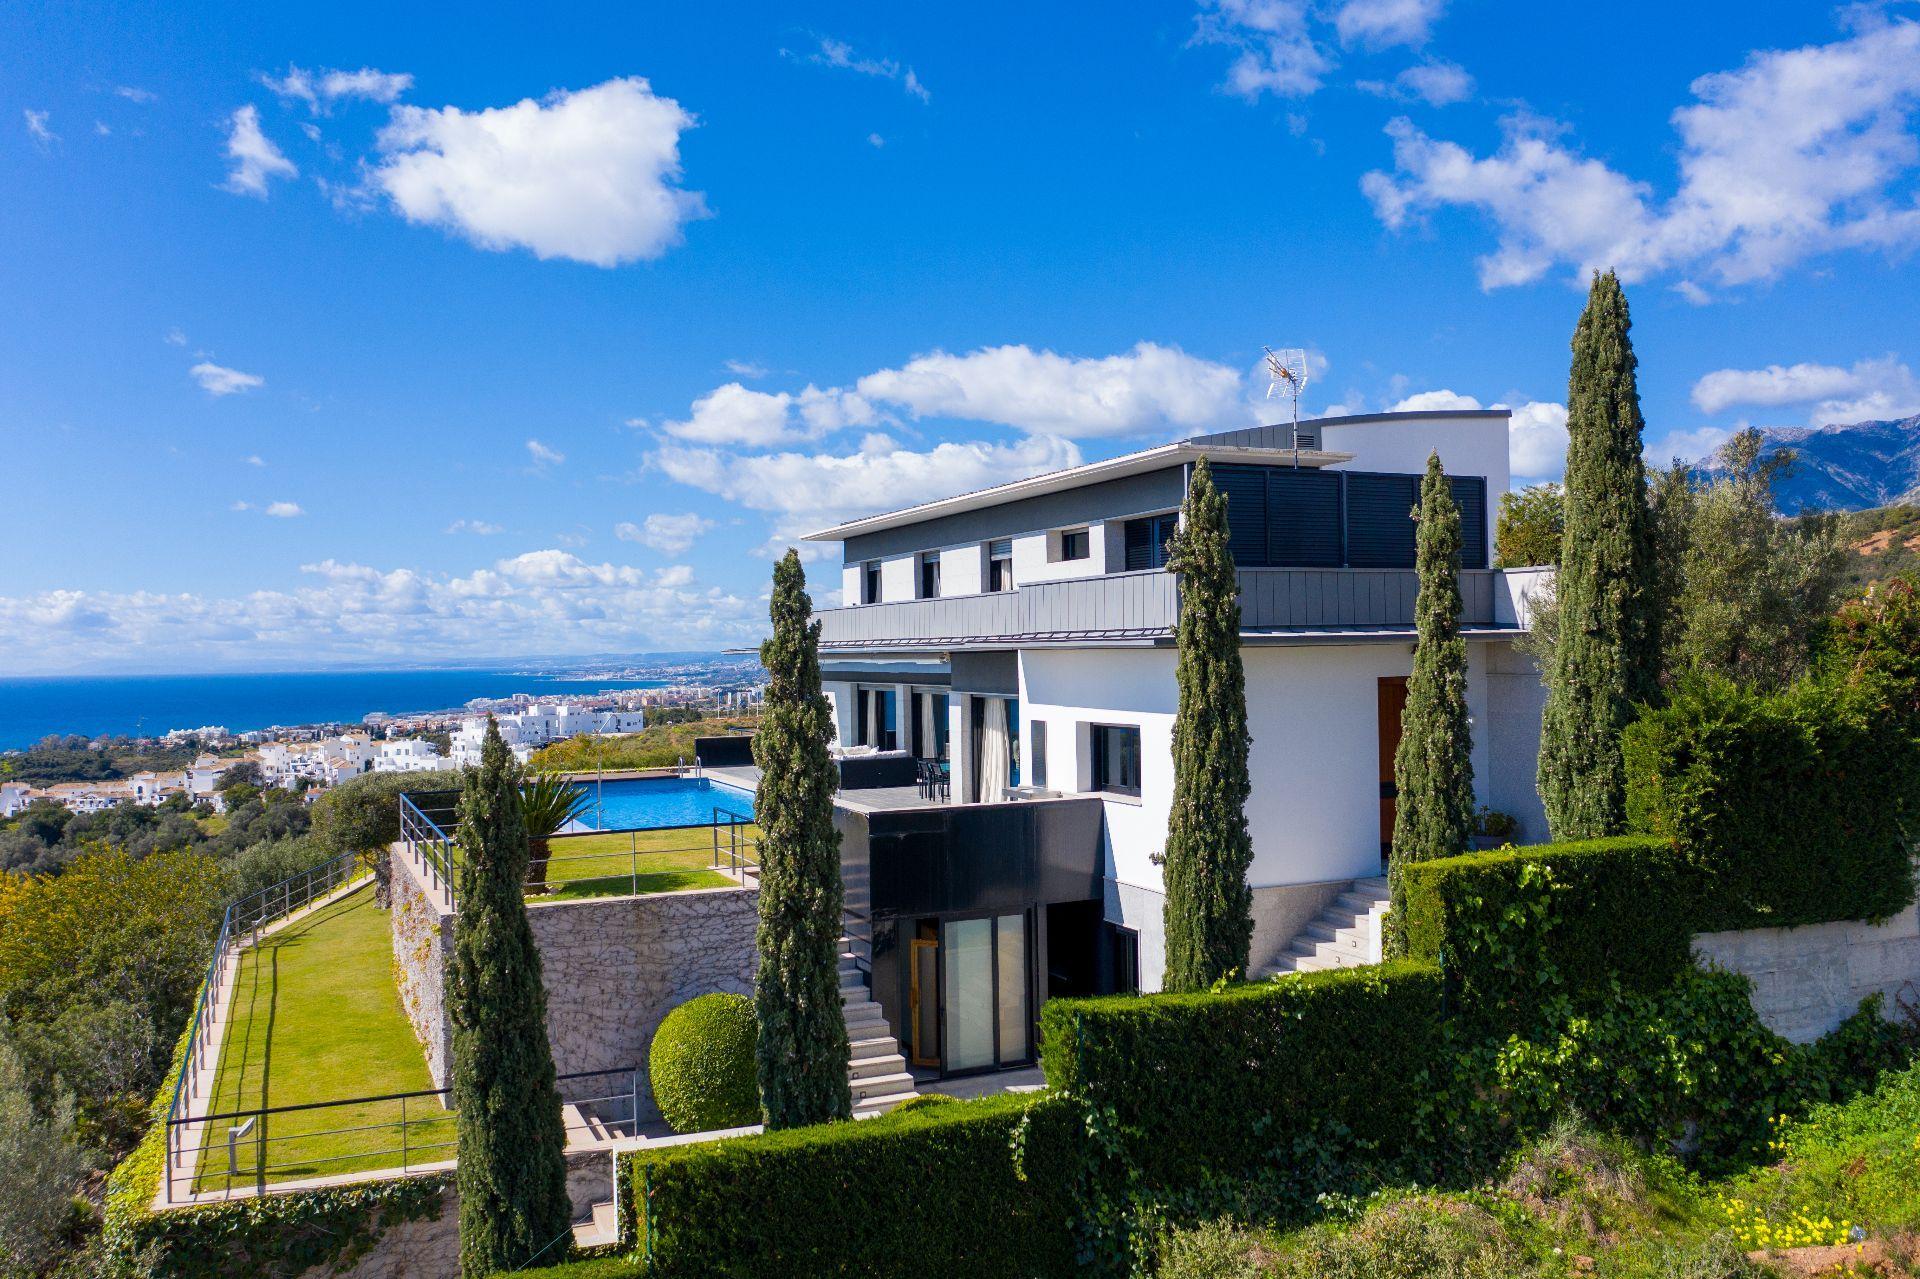 Villa de Lujo en Marbella, Altos de Los Monteros, venta